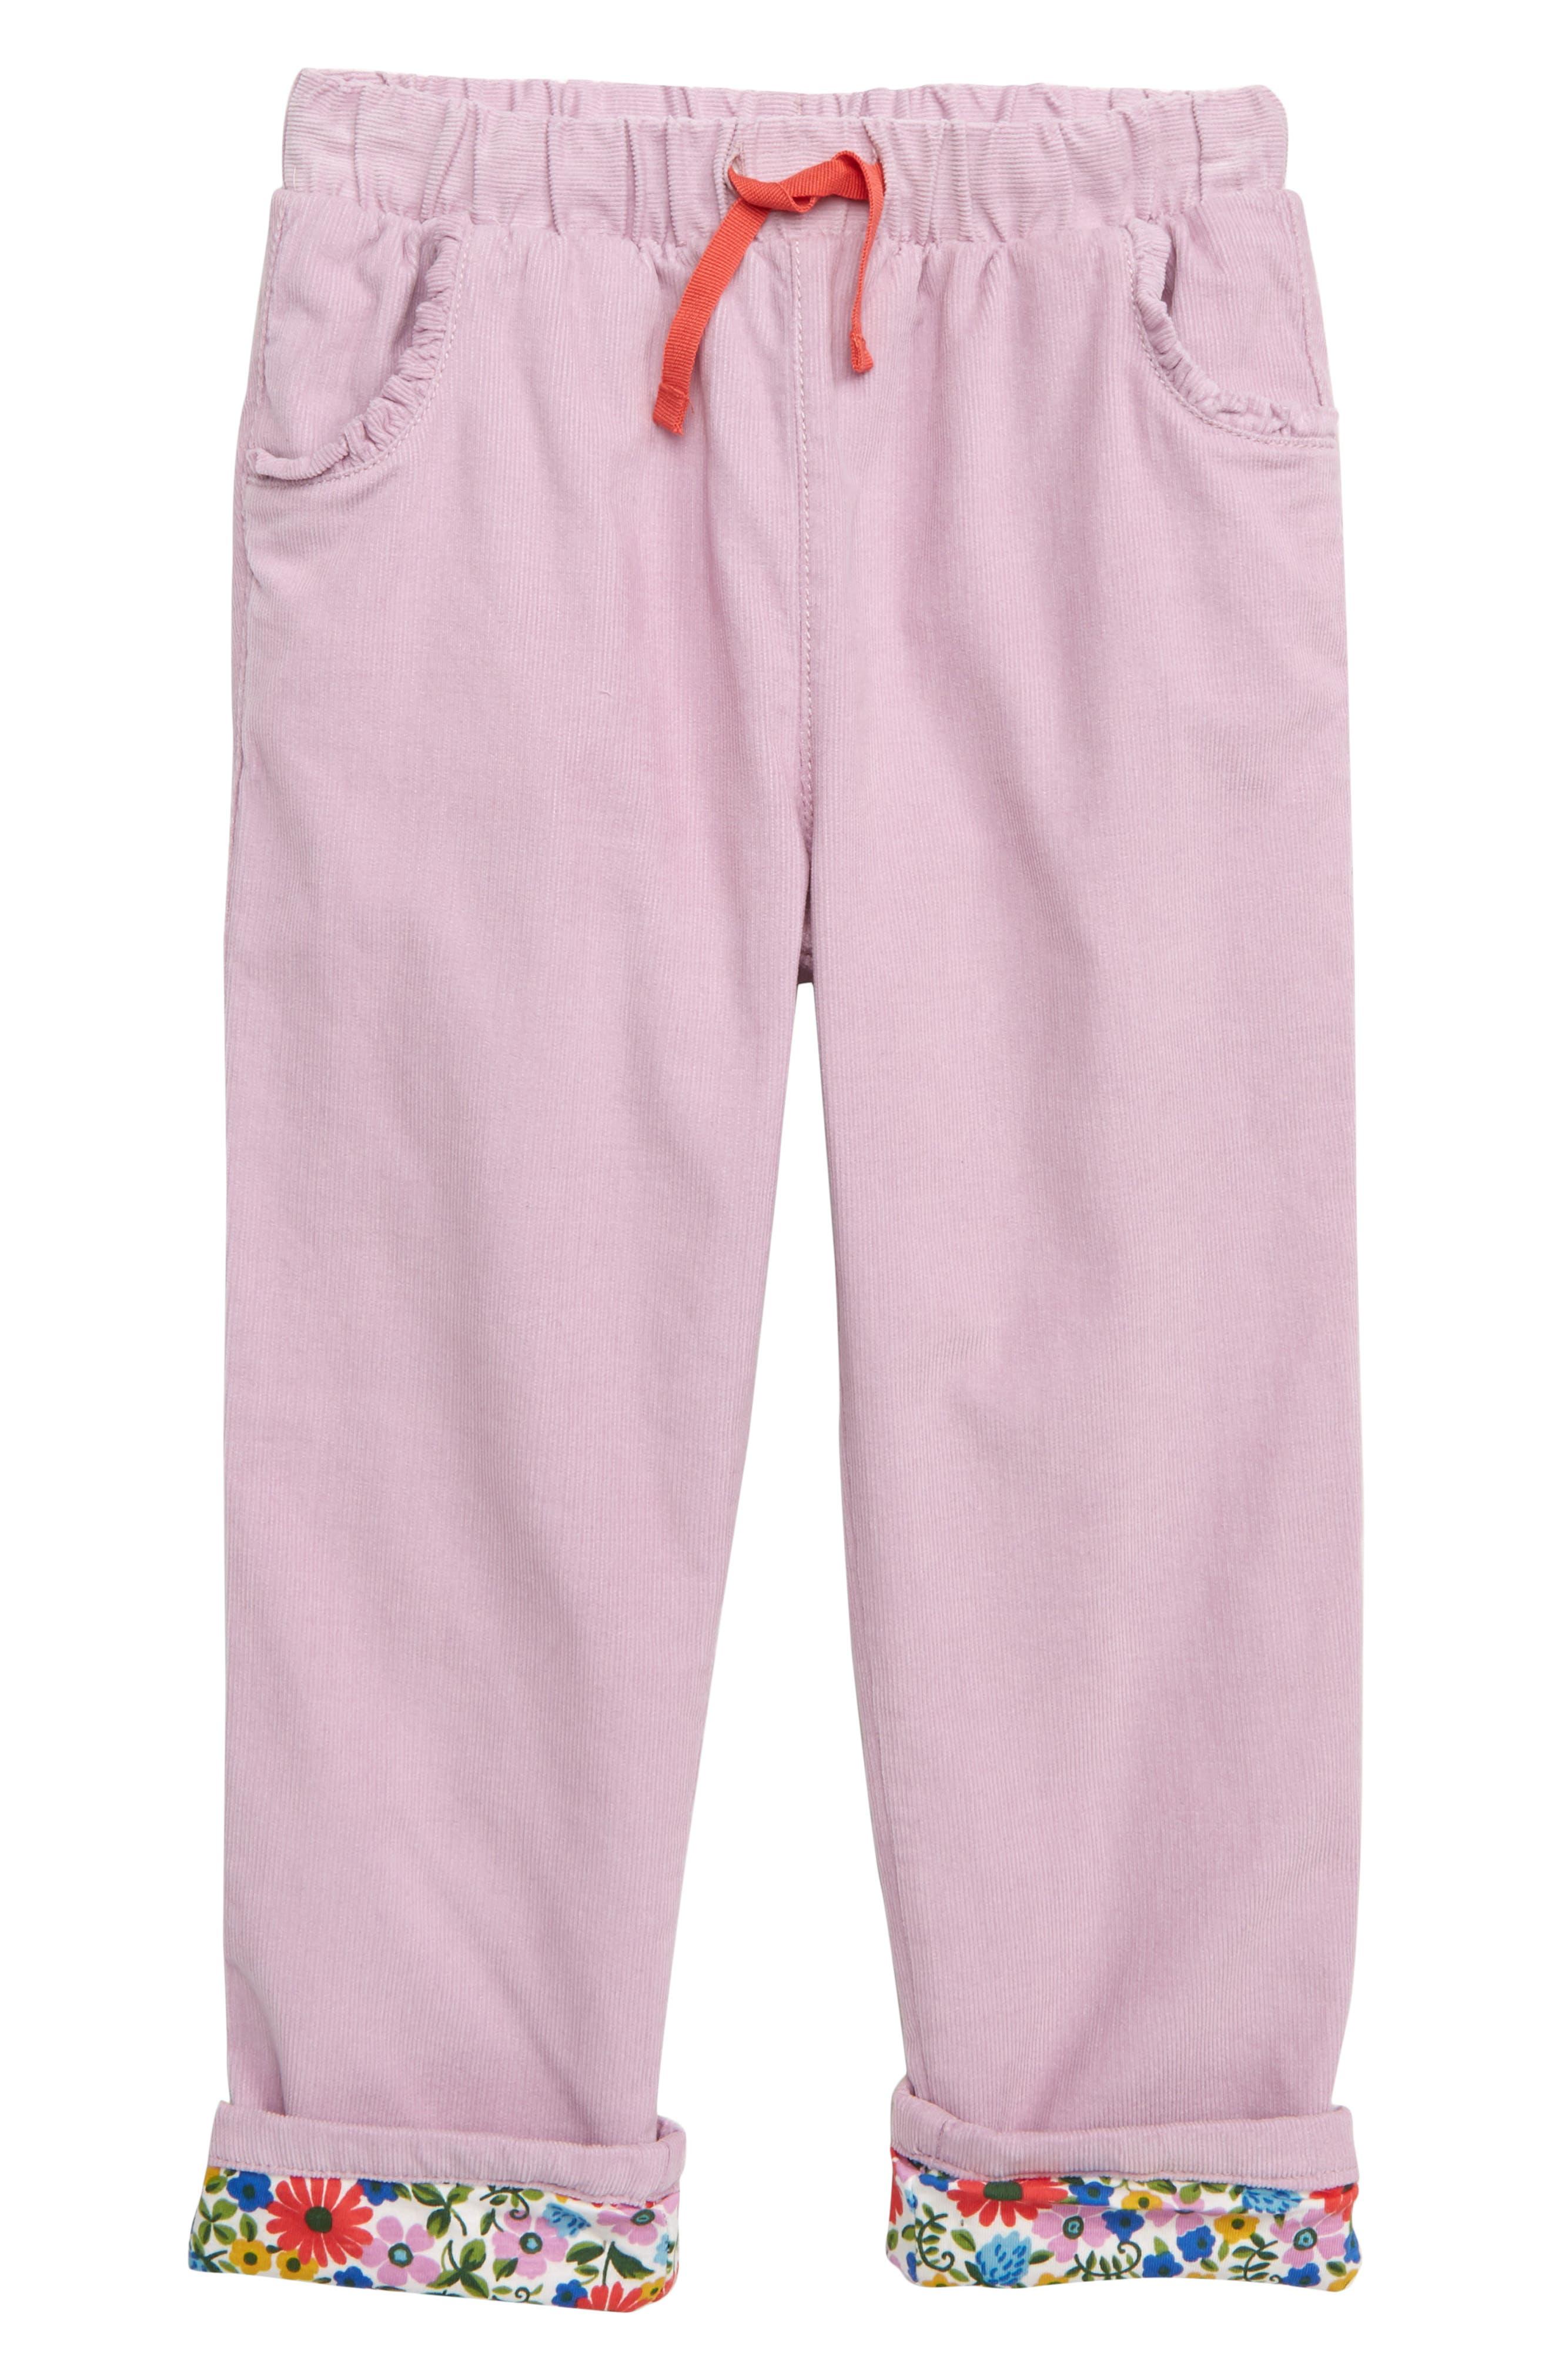 MINI BODEN Pretty Pocket Corduroy Pants, Main, color, DELPHINIUM PURPLE STRAWBERRY